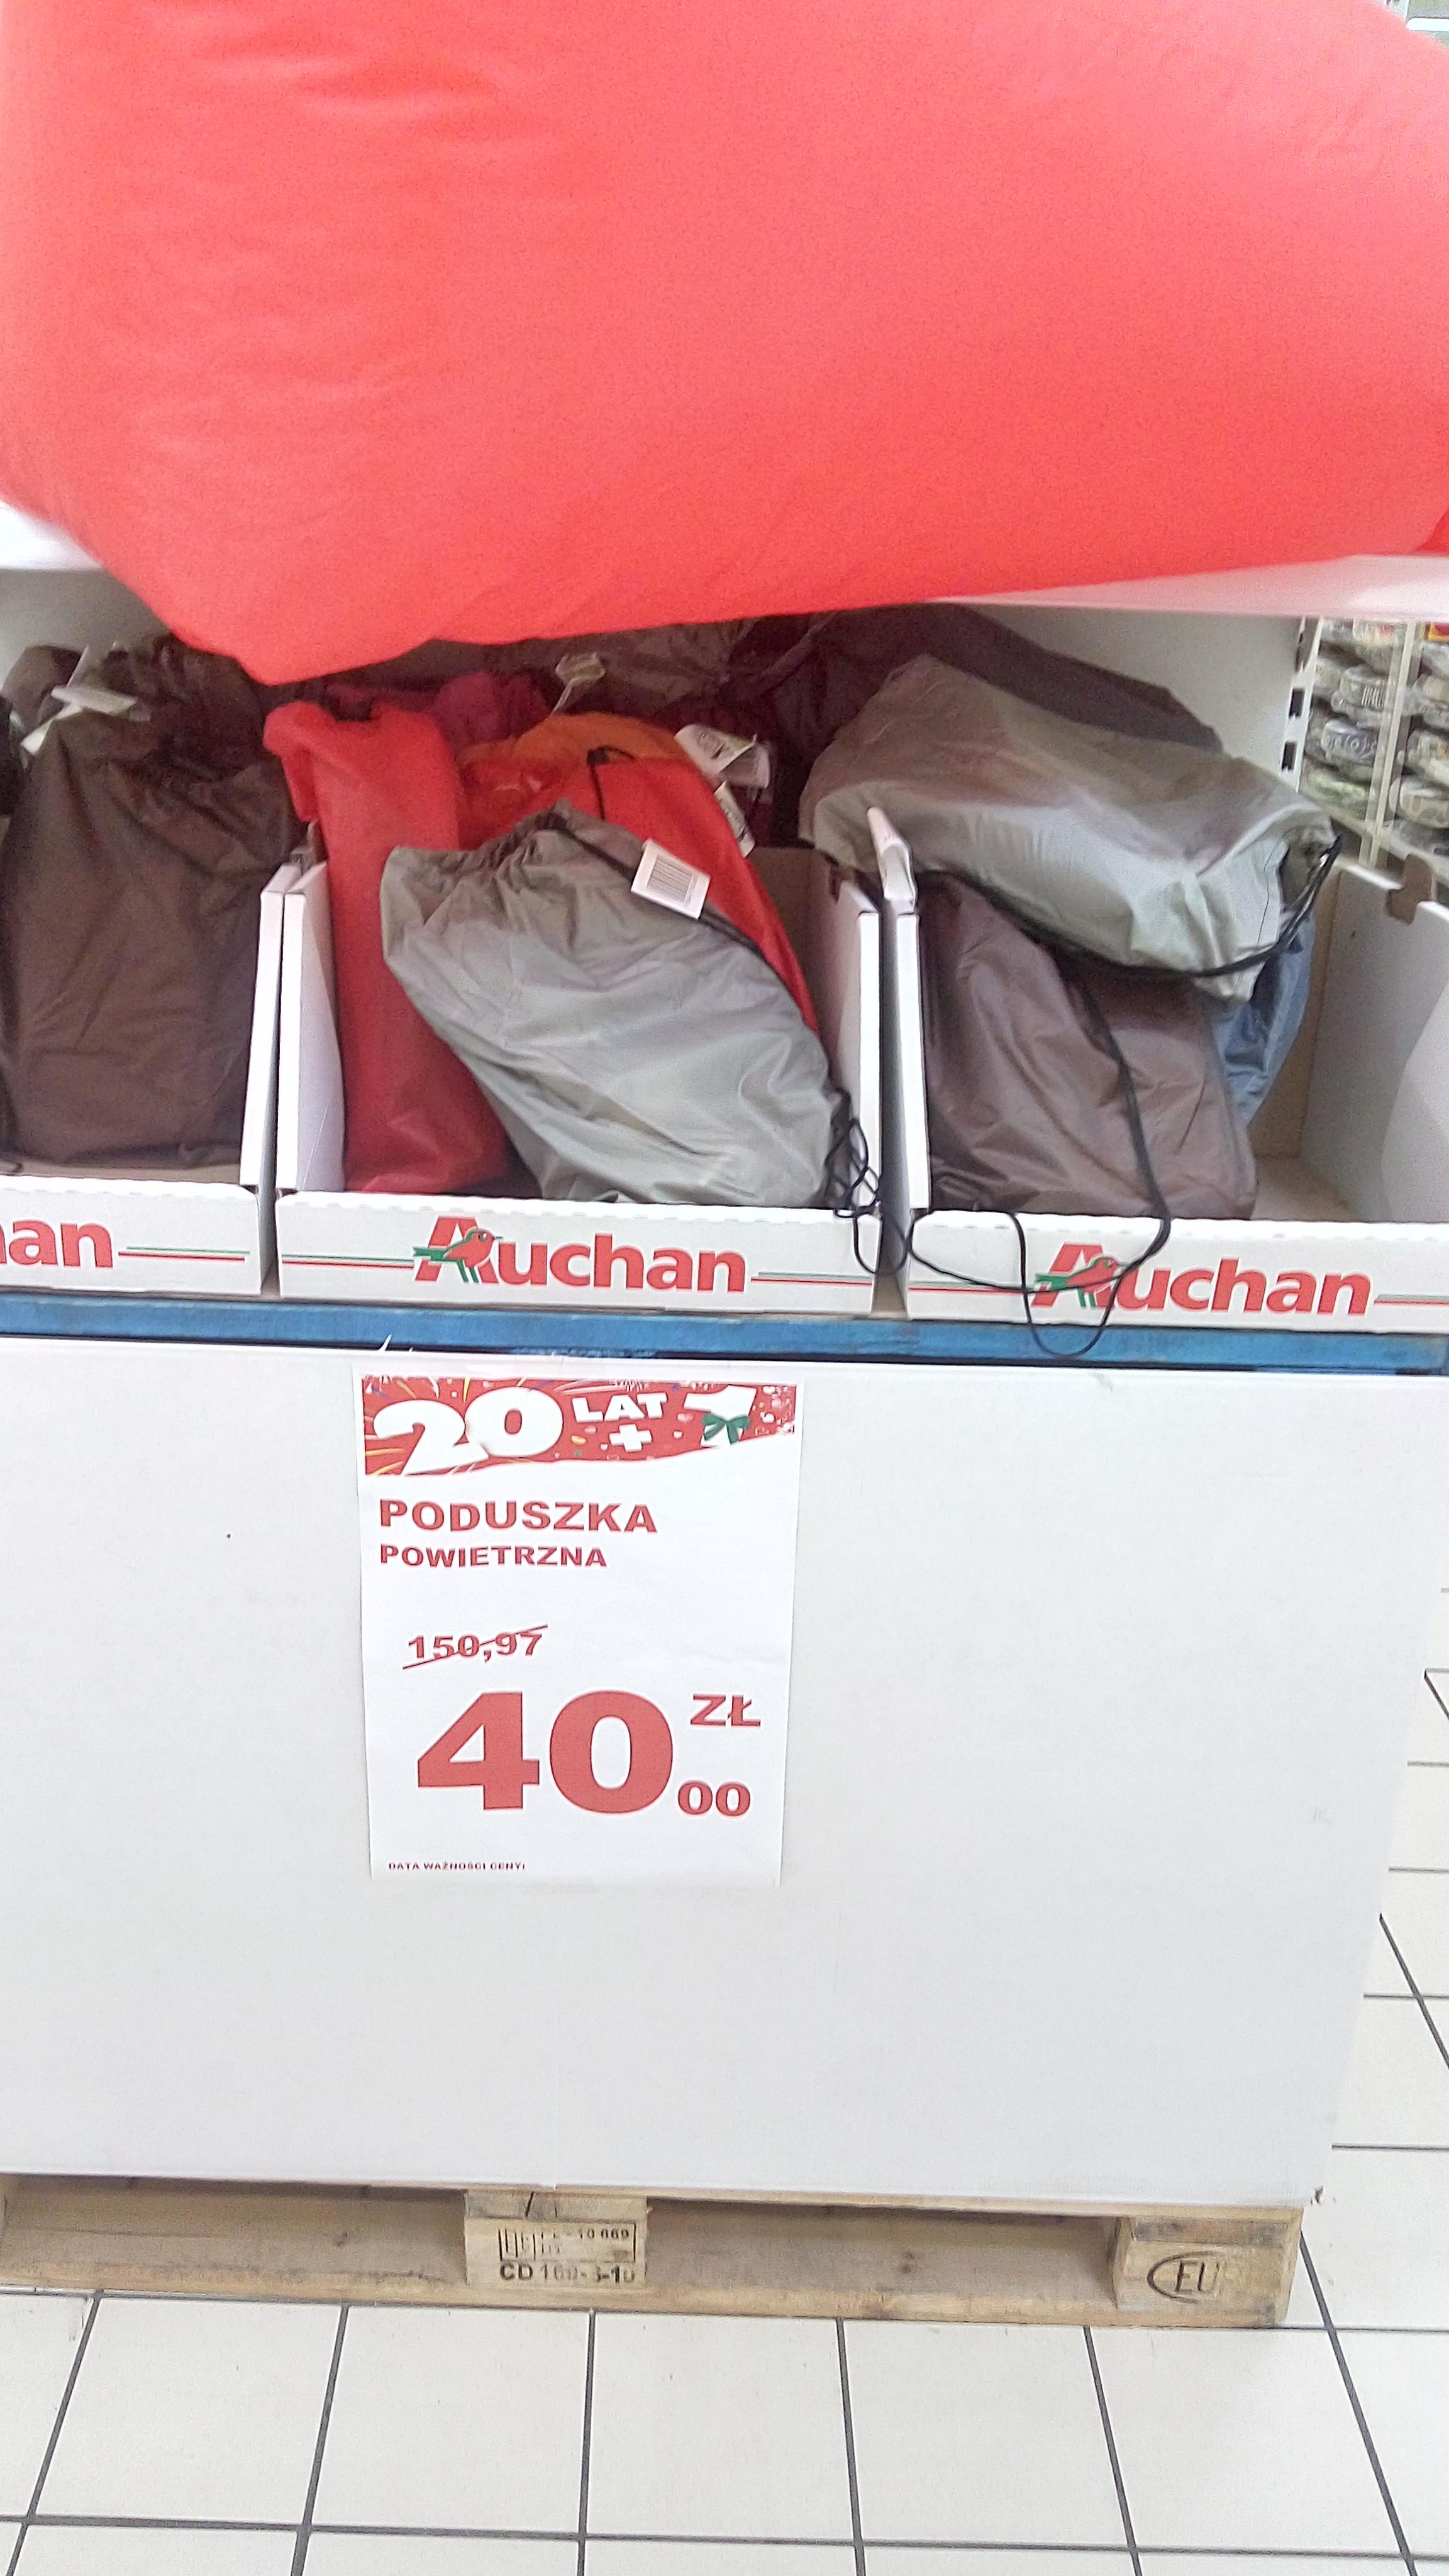 Lazy Bag, lazy sofa czy też sofa powietrzna za 40zł - Auchan Pasaż Łódzki